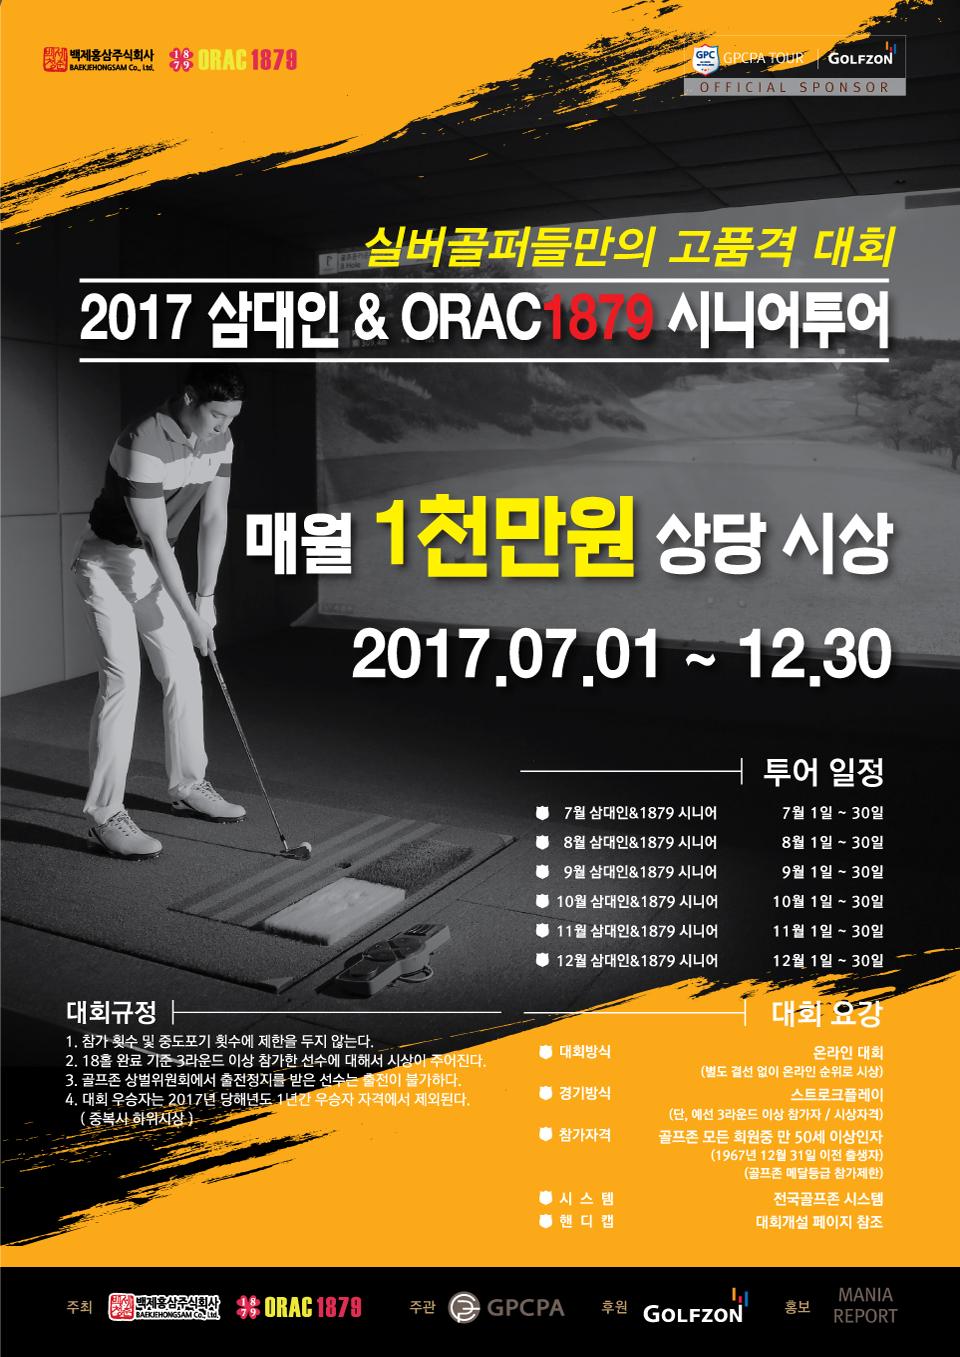 2017 삼대인 ORAC1879시니어 12차